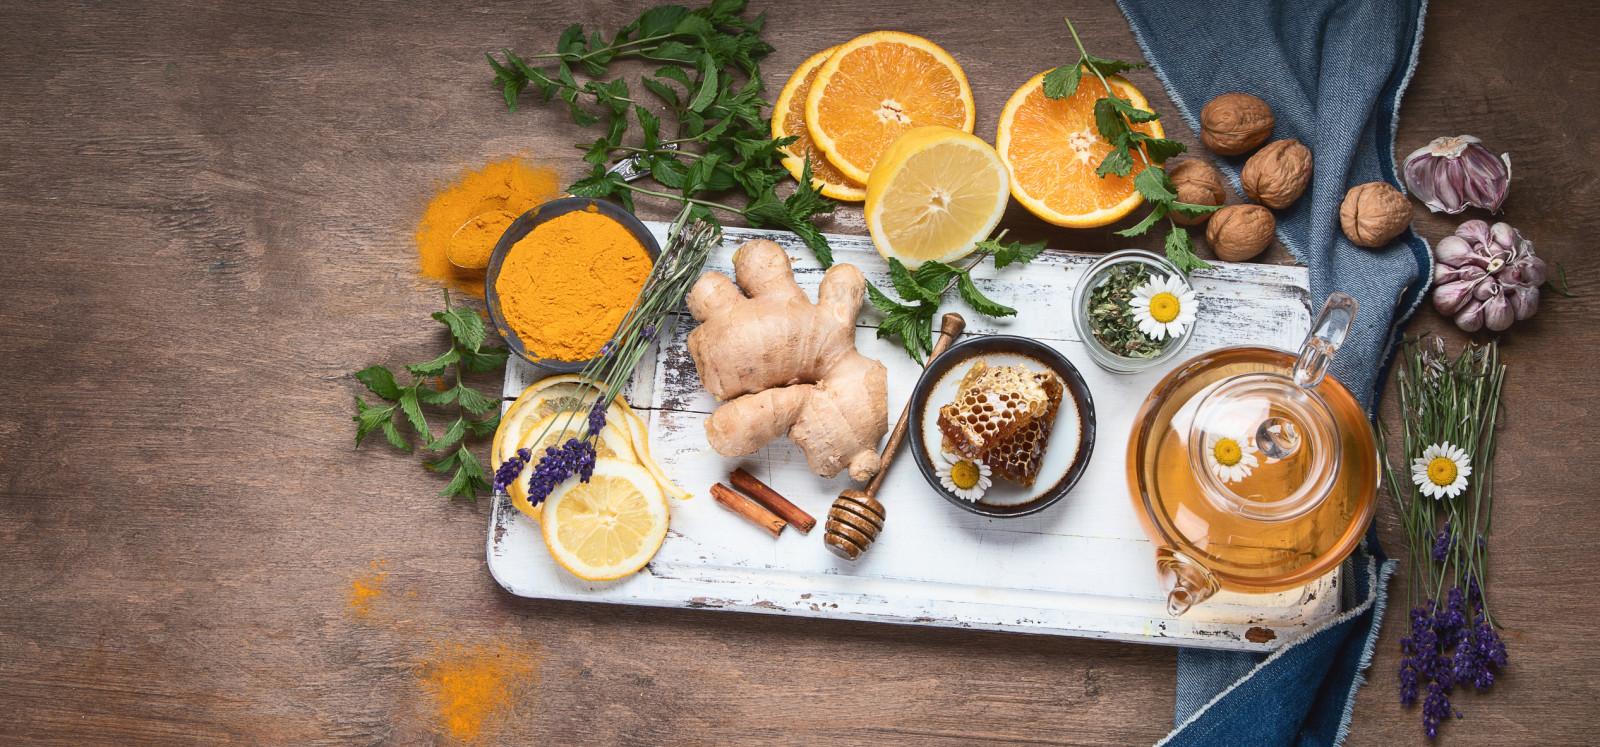 6 remedii simple pentru îmbunătățirea sănătății digestive